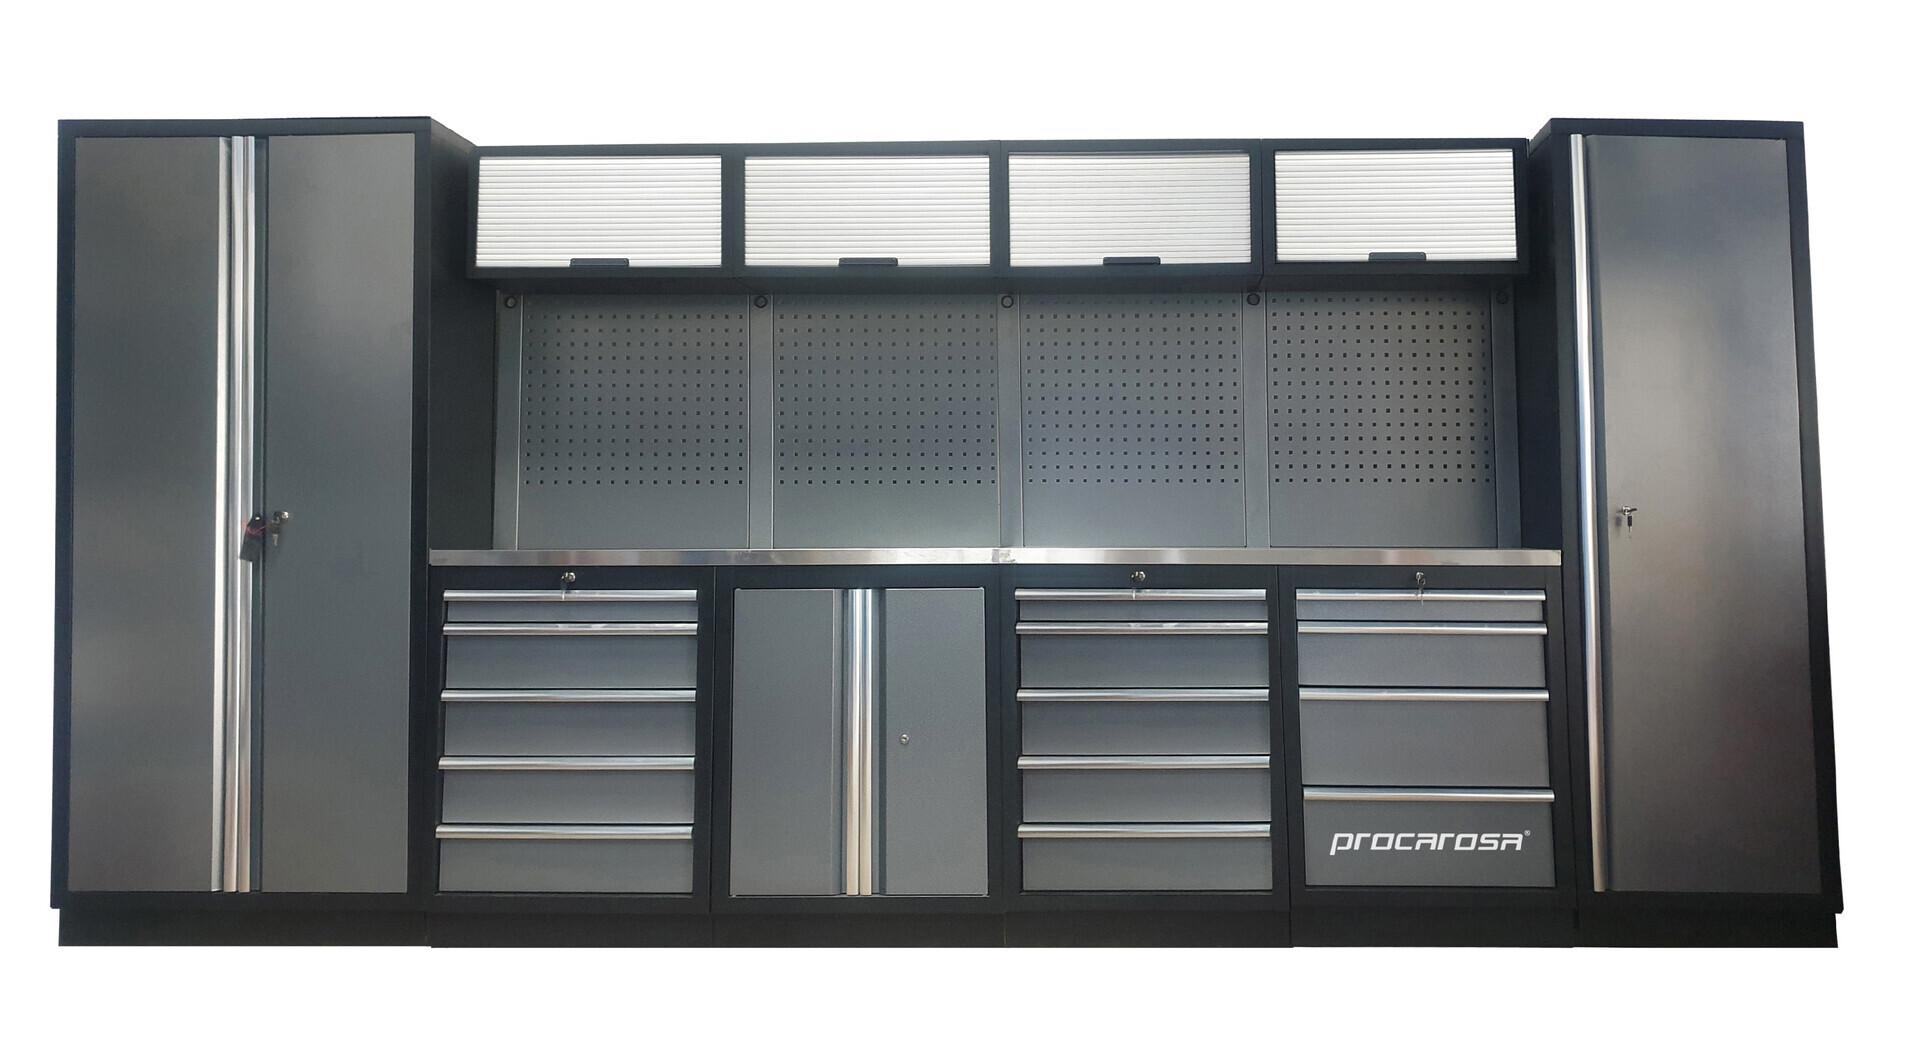 Sestava dílenského nábytku Procarosa PROFESSIONAL XL-5 Pracovní deska: nerezová, Hmotnost: